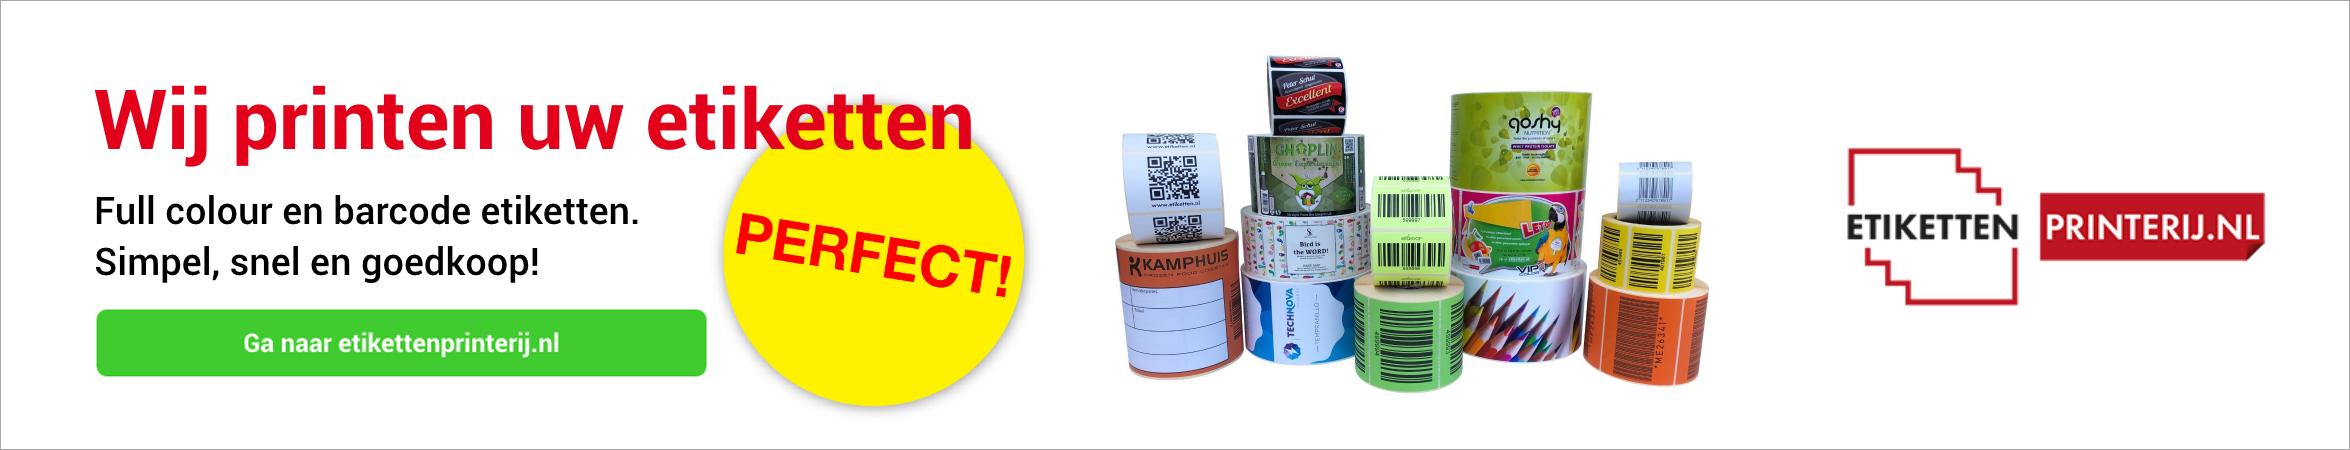 Etikettenprinterij.nl. Etiketten laten printen. Full colour en barcode